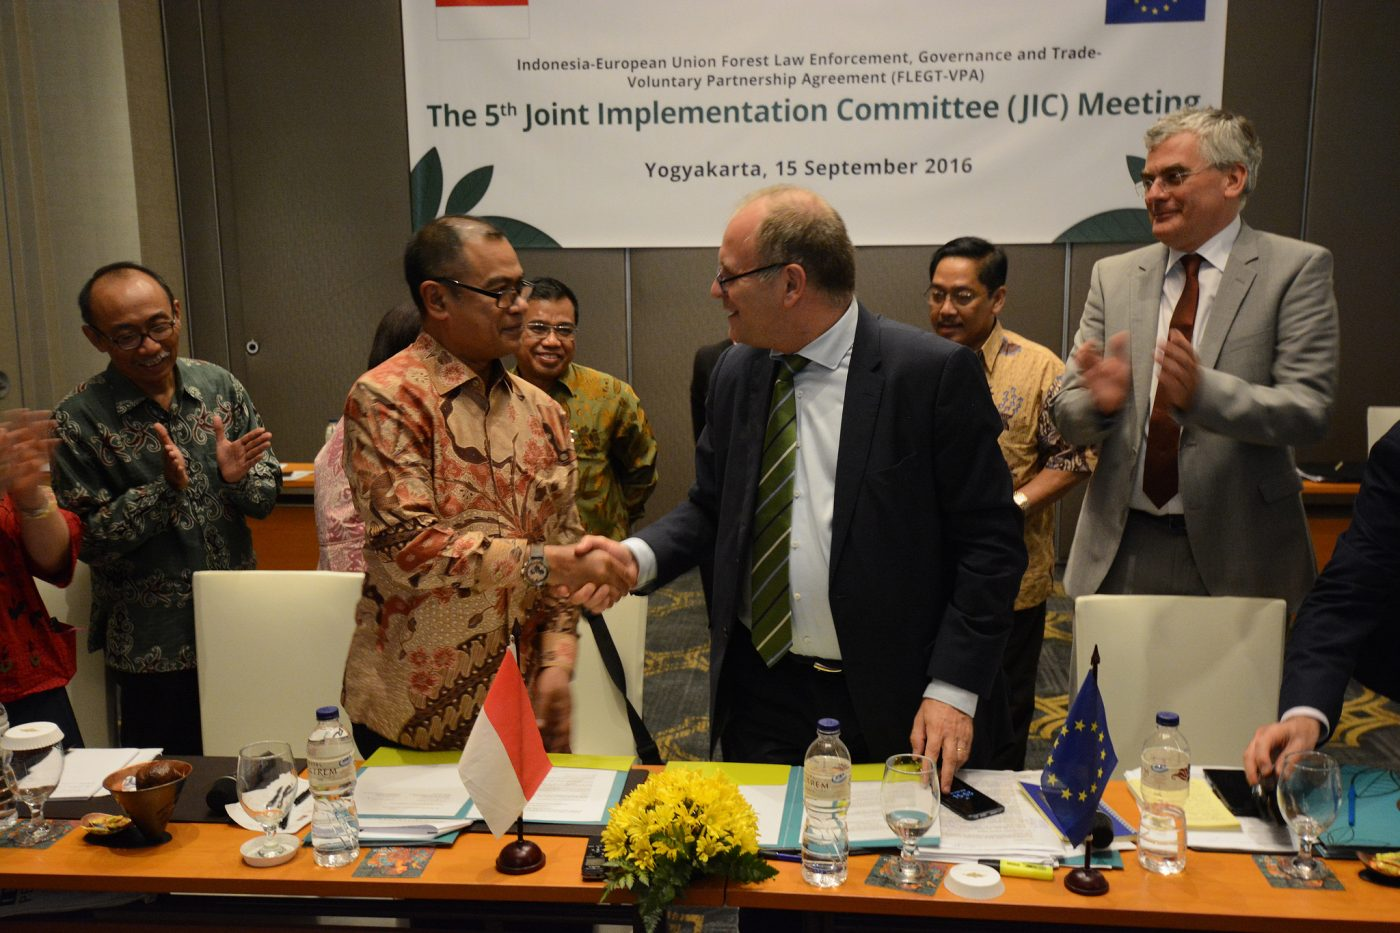 Indonesia y la UE lanzan la licencia FLEGT para luchar contra la madera ilegal